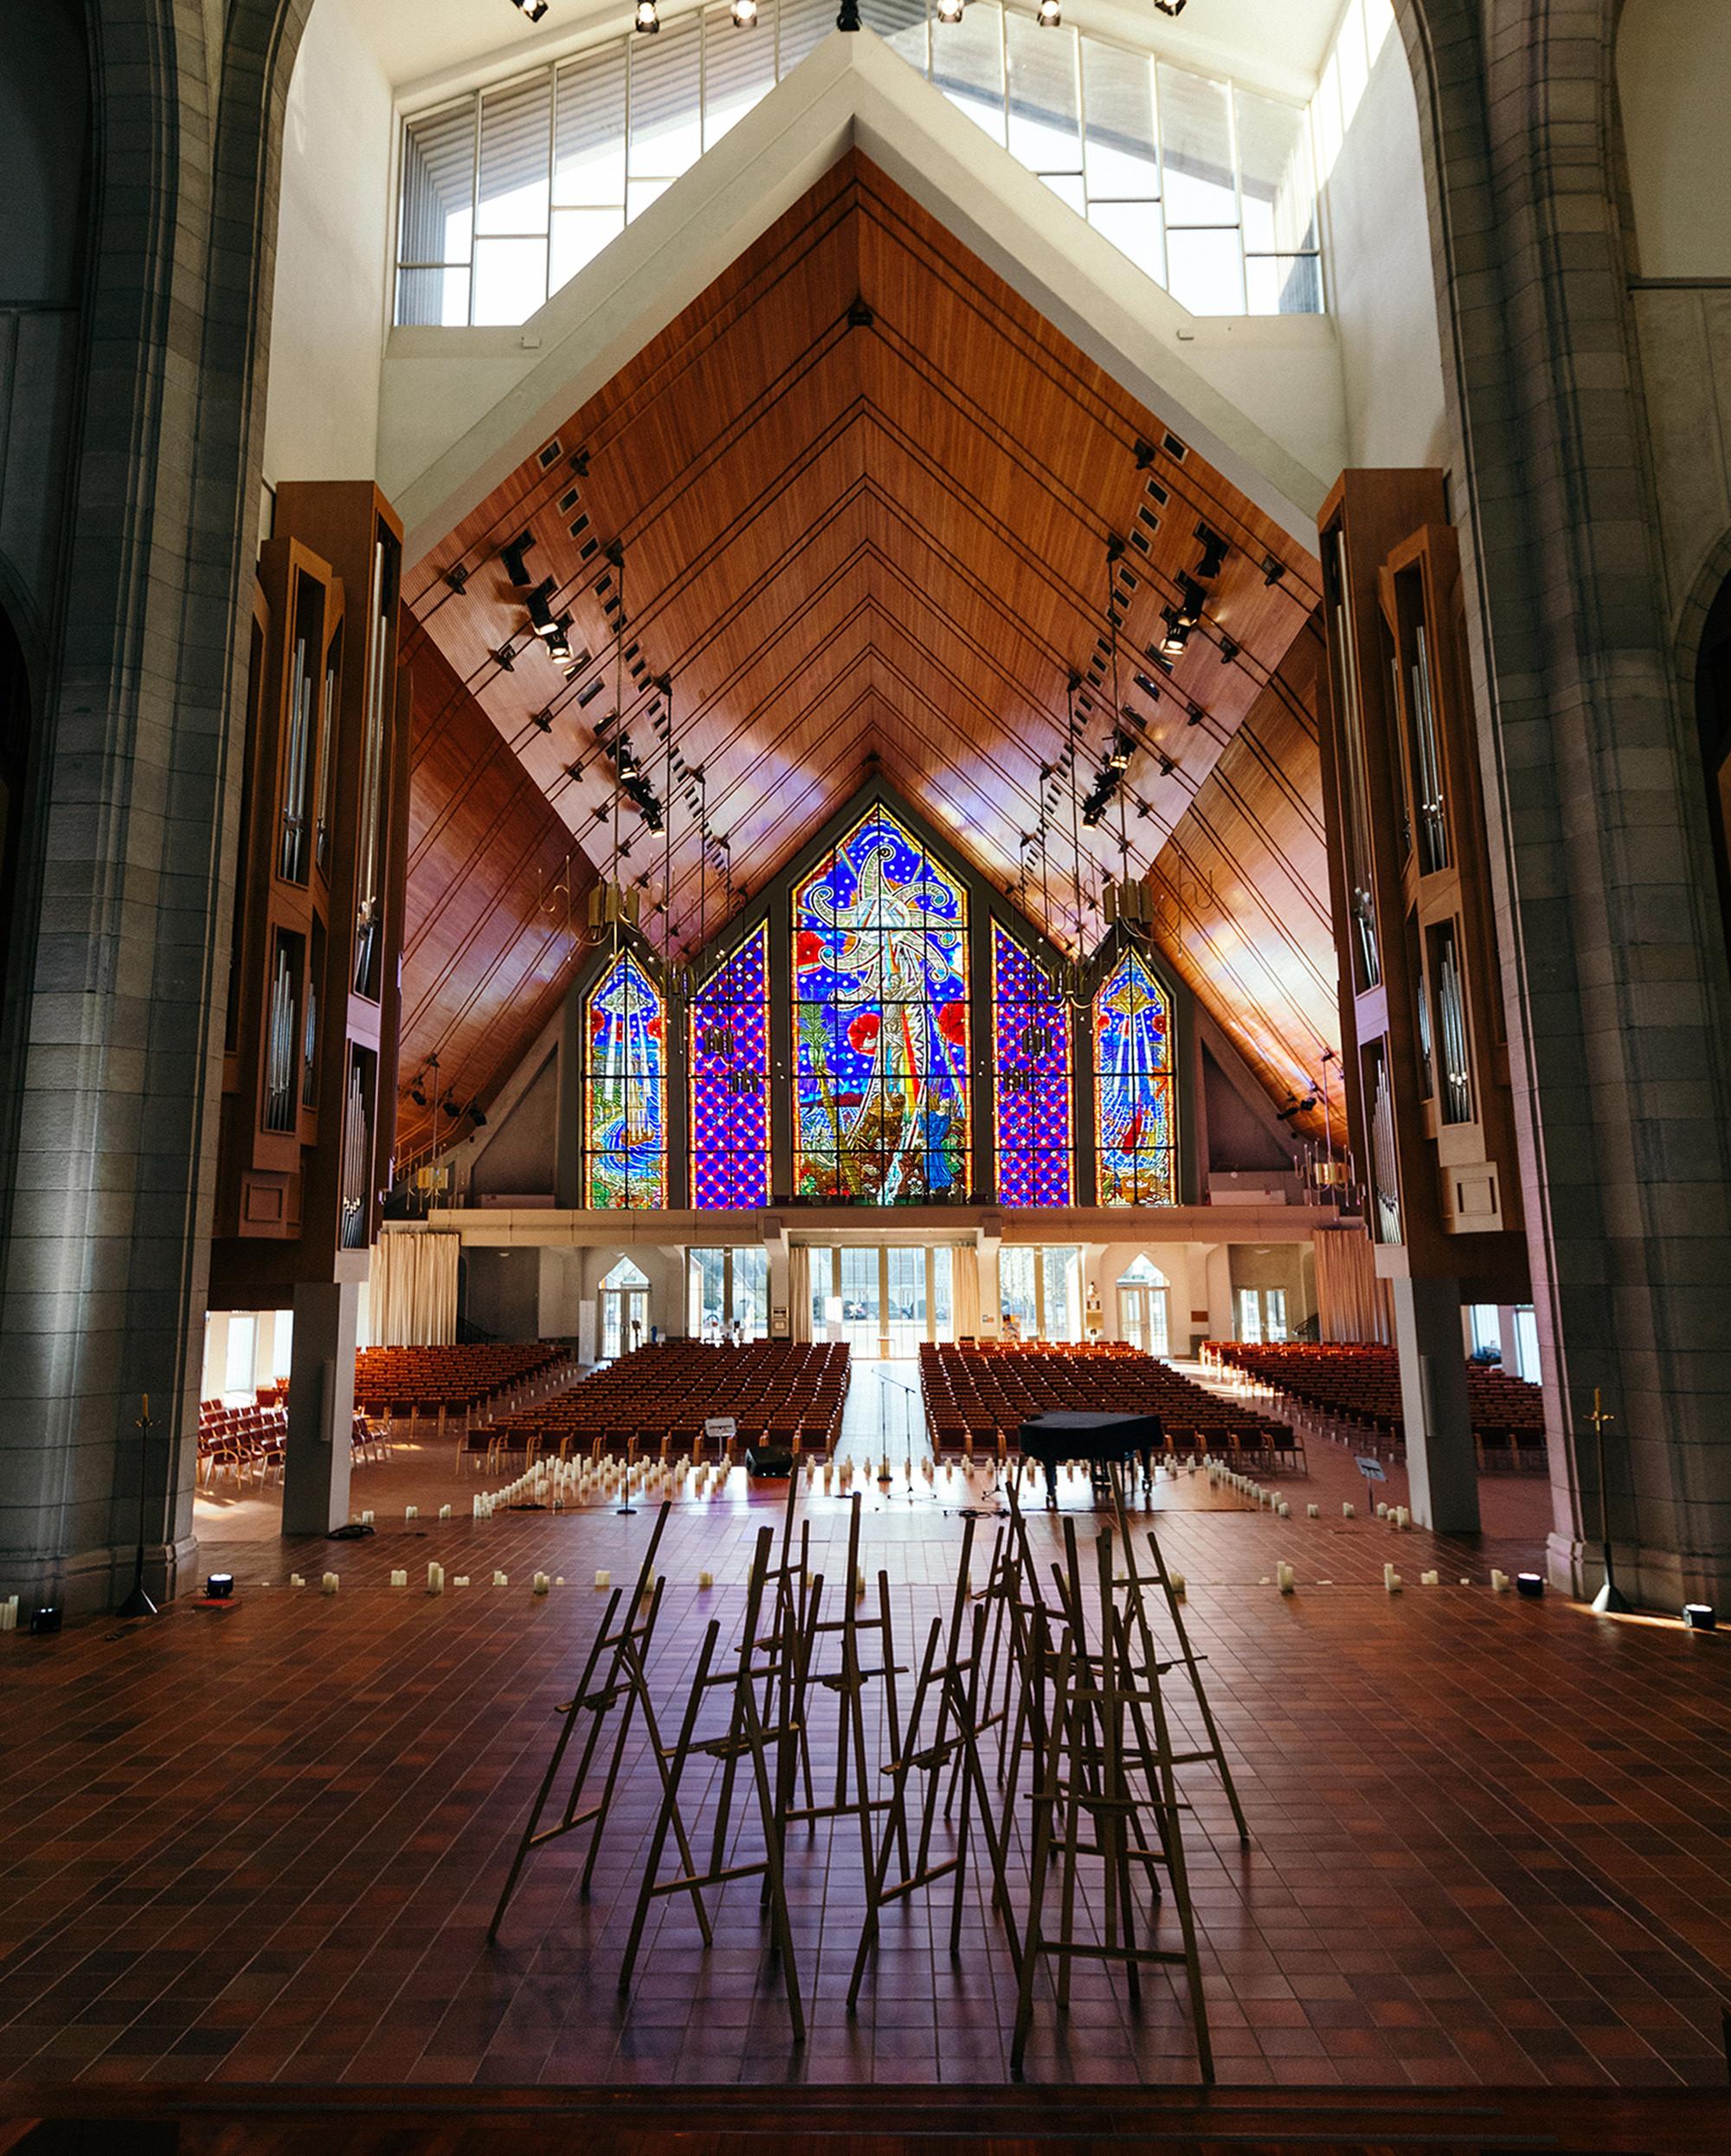 Artweek: The Cathedral Series